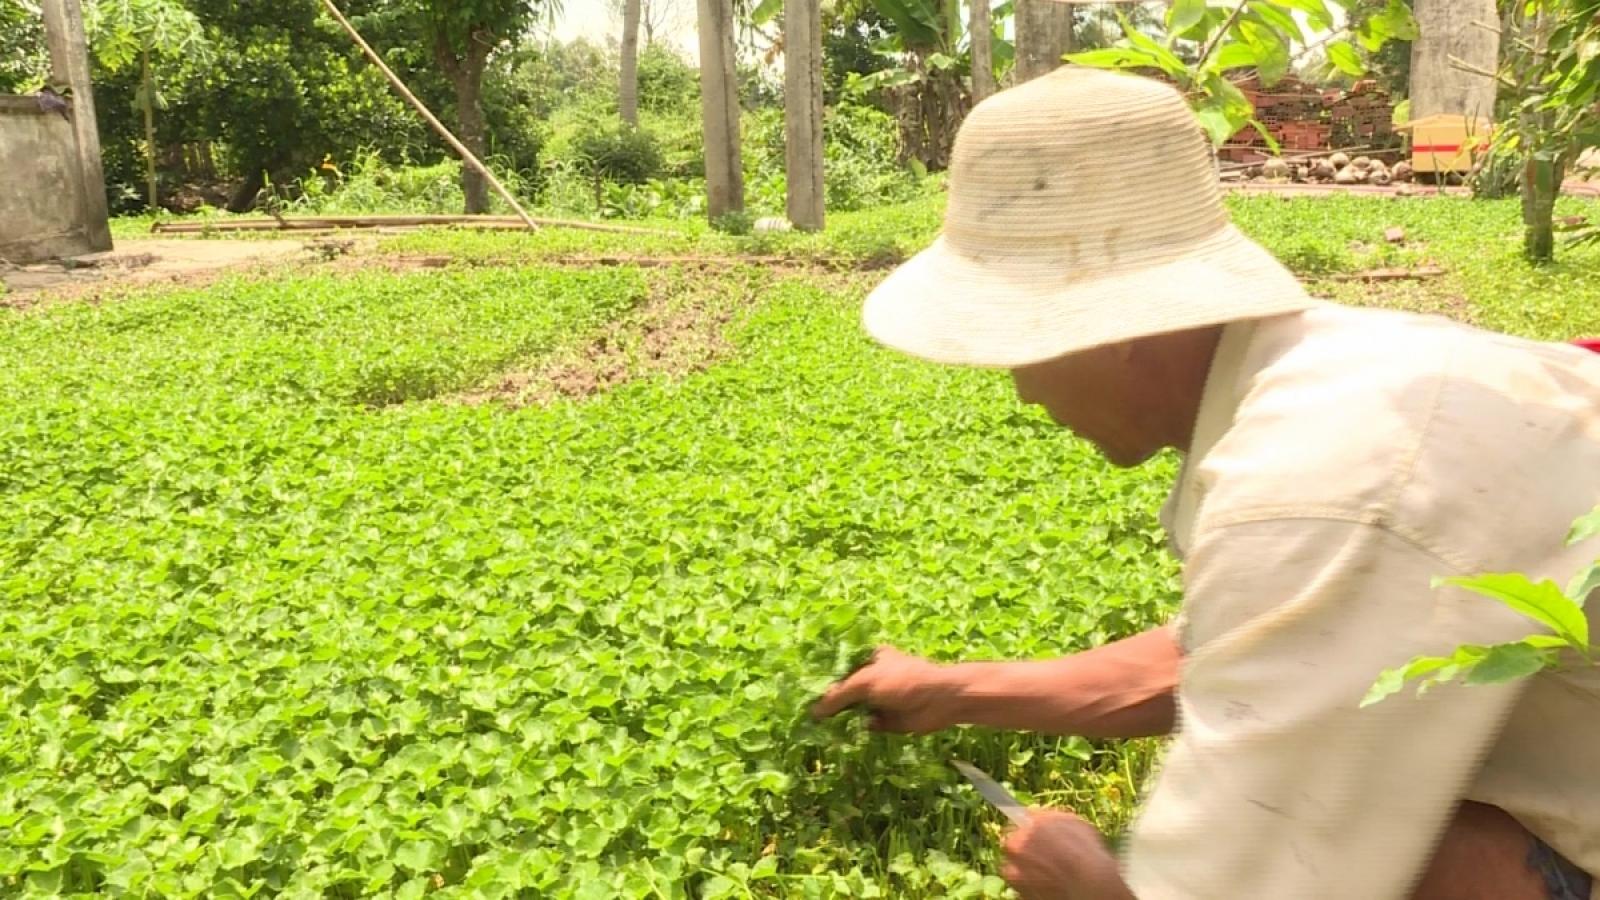 Chỉ khoảng 5% tổng diện tích rau, hoa, quả được sản xuất theo quy trình an toàn